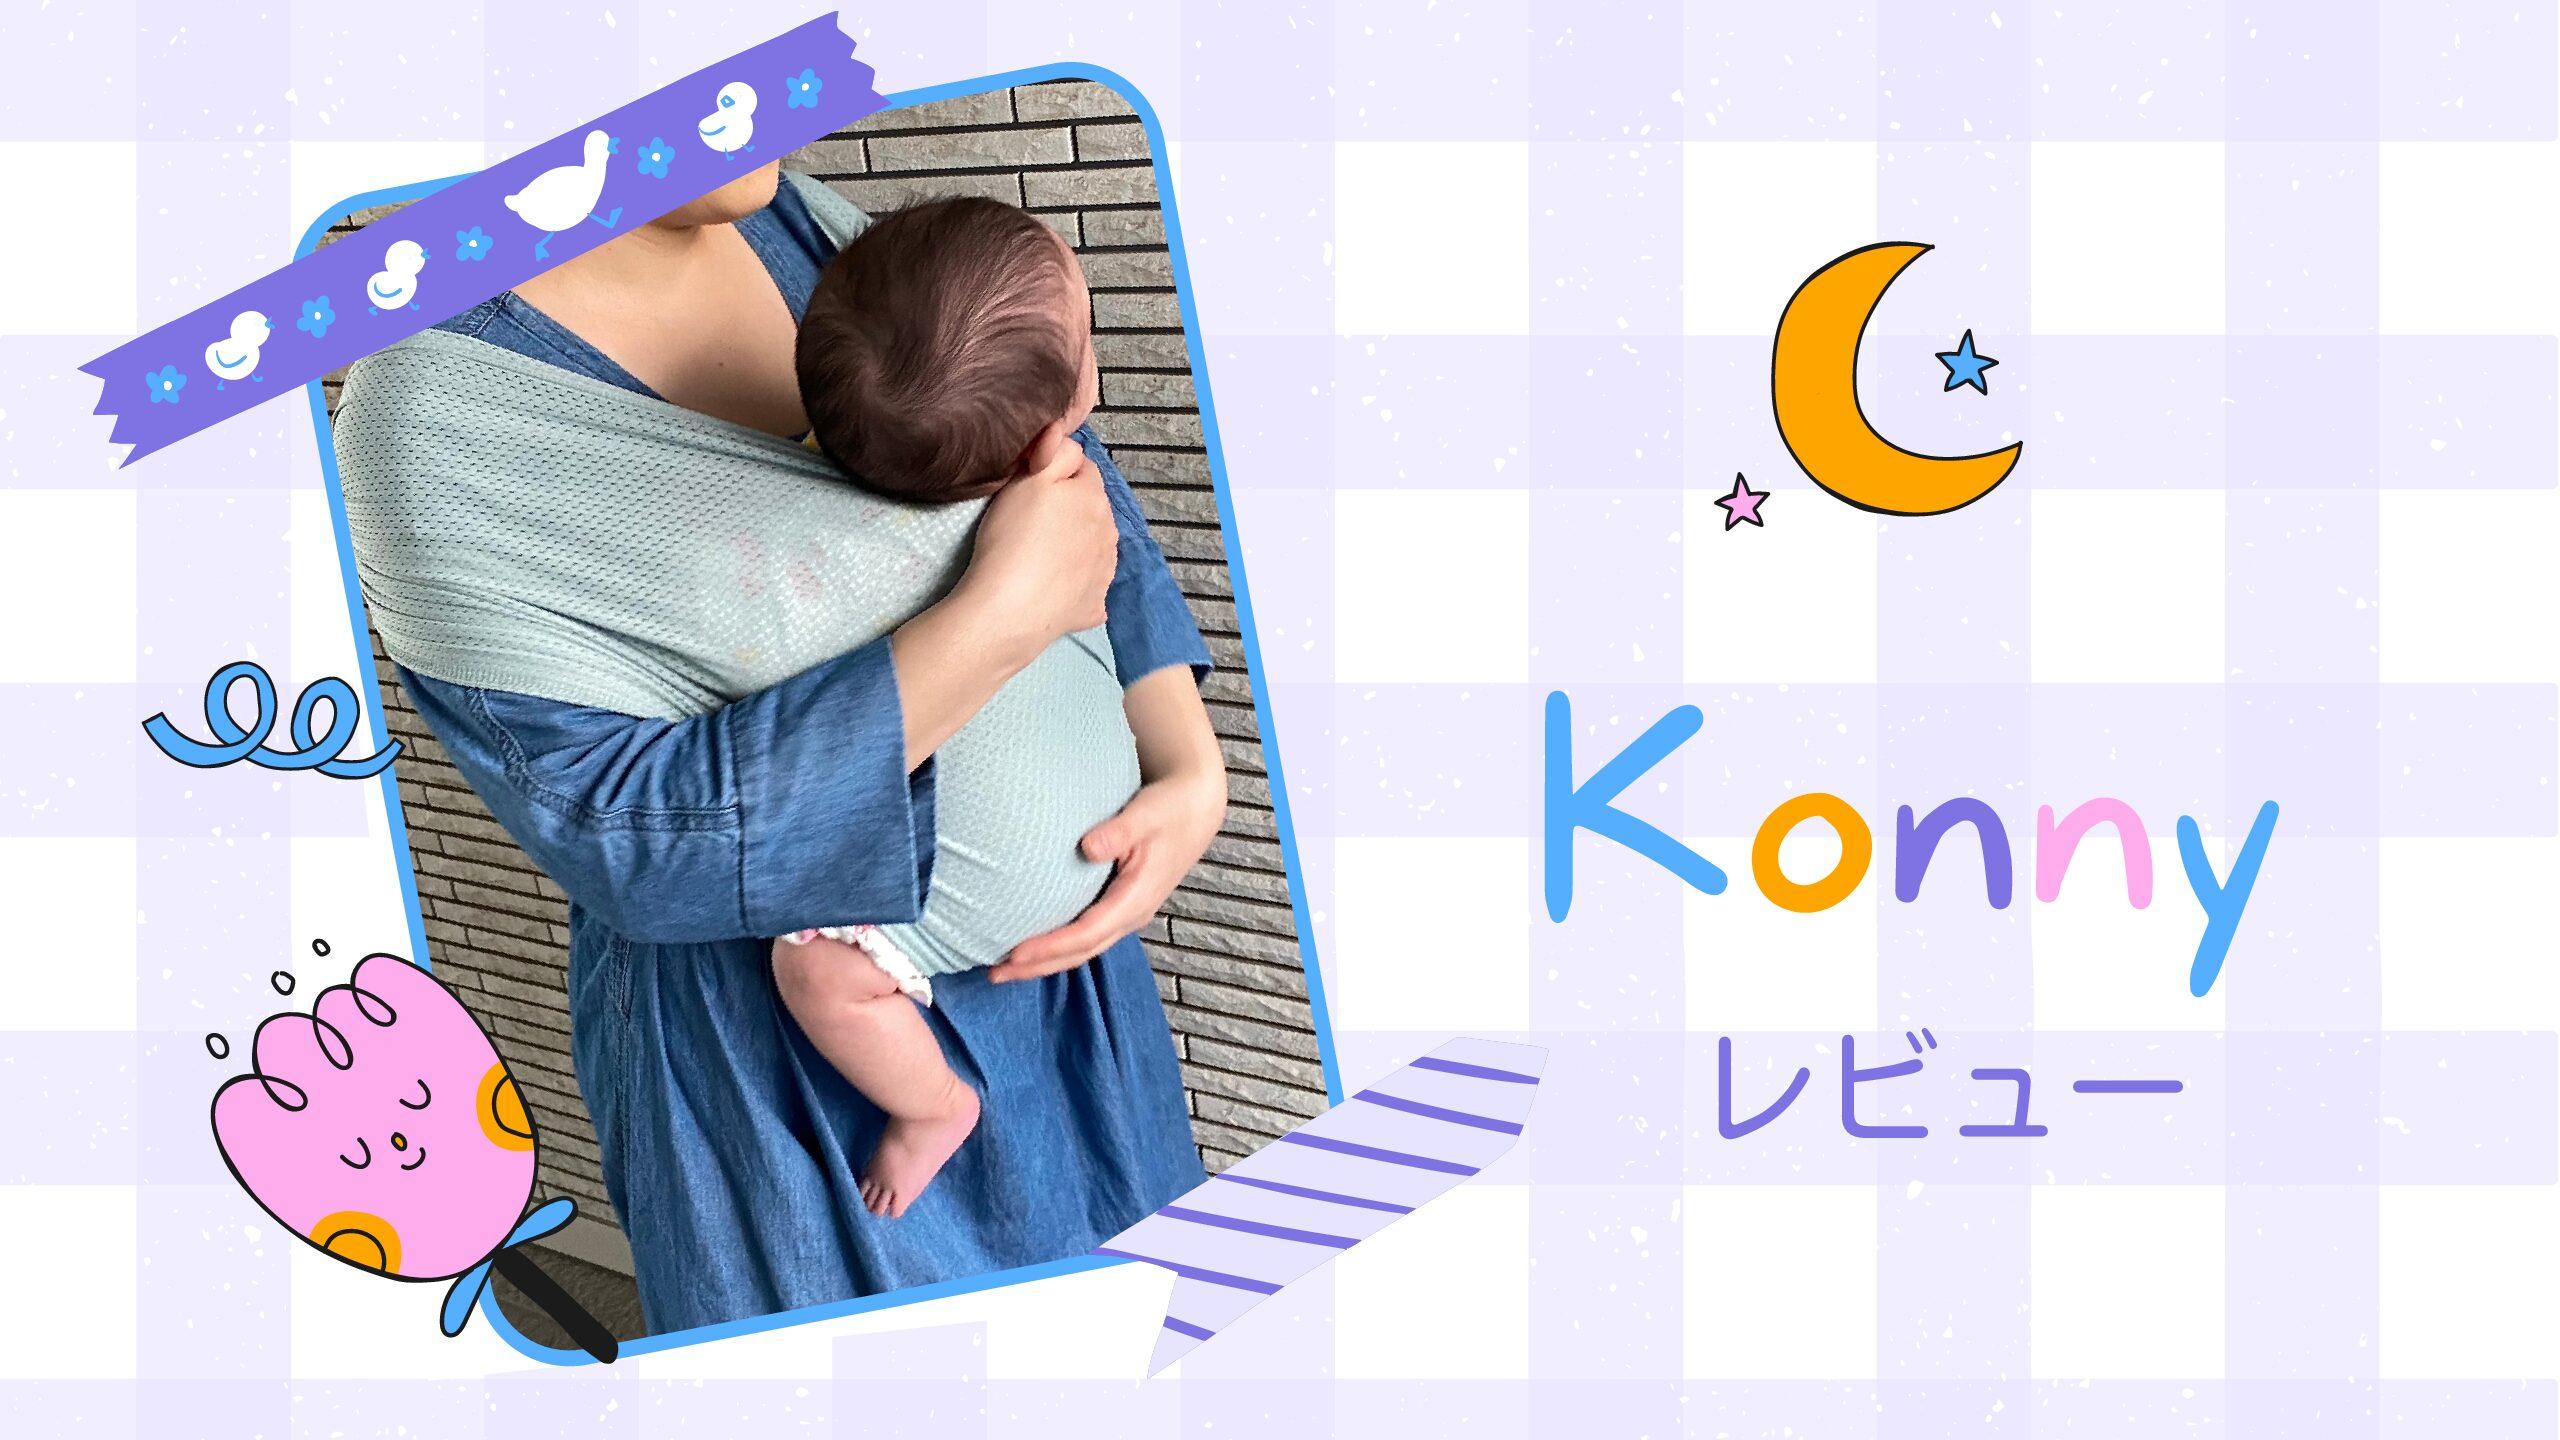 【寝かしつけの味方】ママに大人気「konnyコニー抱っこ紐」の使用感をレビュー/オリジナルとサマーの違い/サイズについても